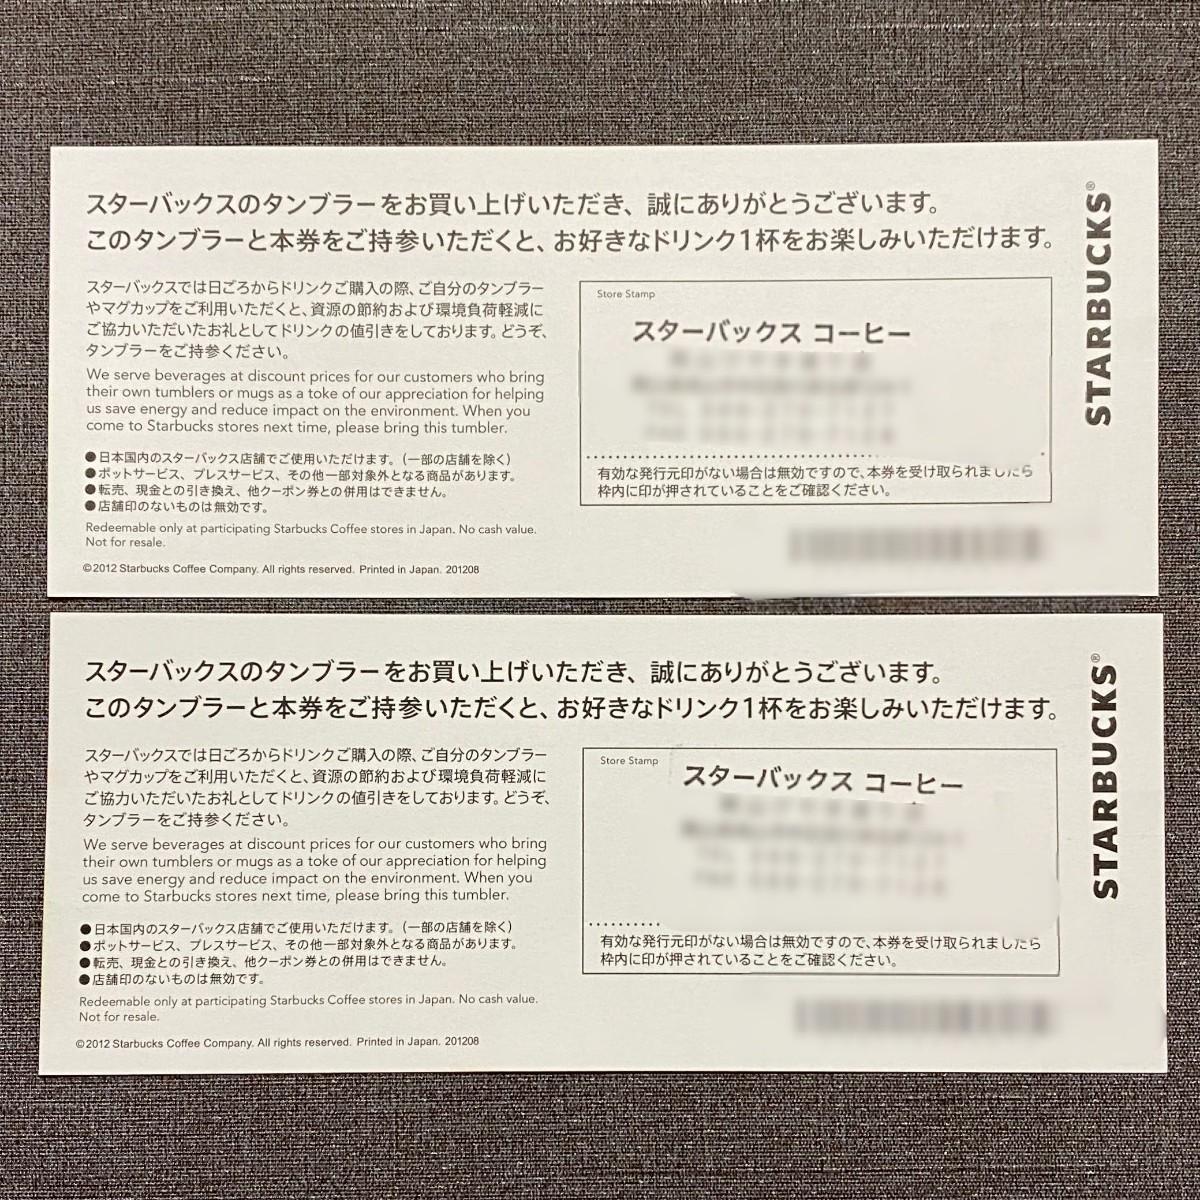 【上限金額,有効期限なし】スターバックスコーヒー コミューターマグクーポン 2枚 店舗印有り 引換券 ドリンクチケット ギフト